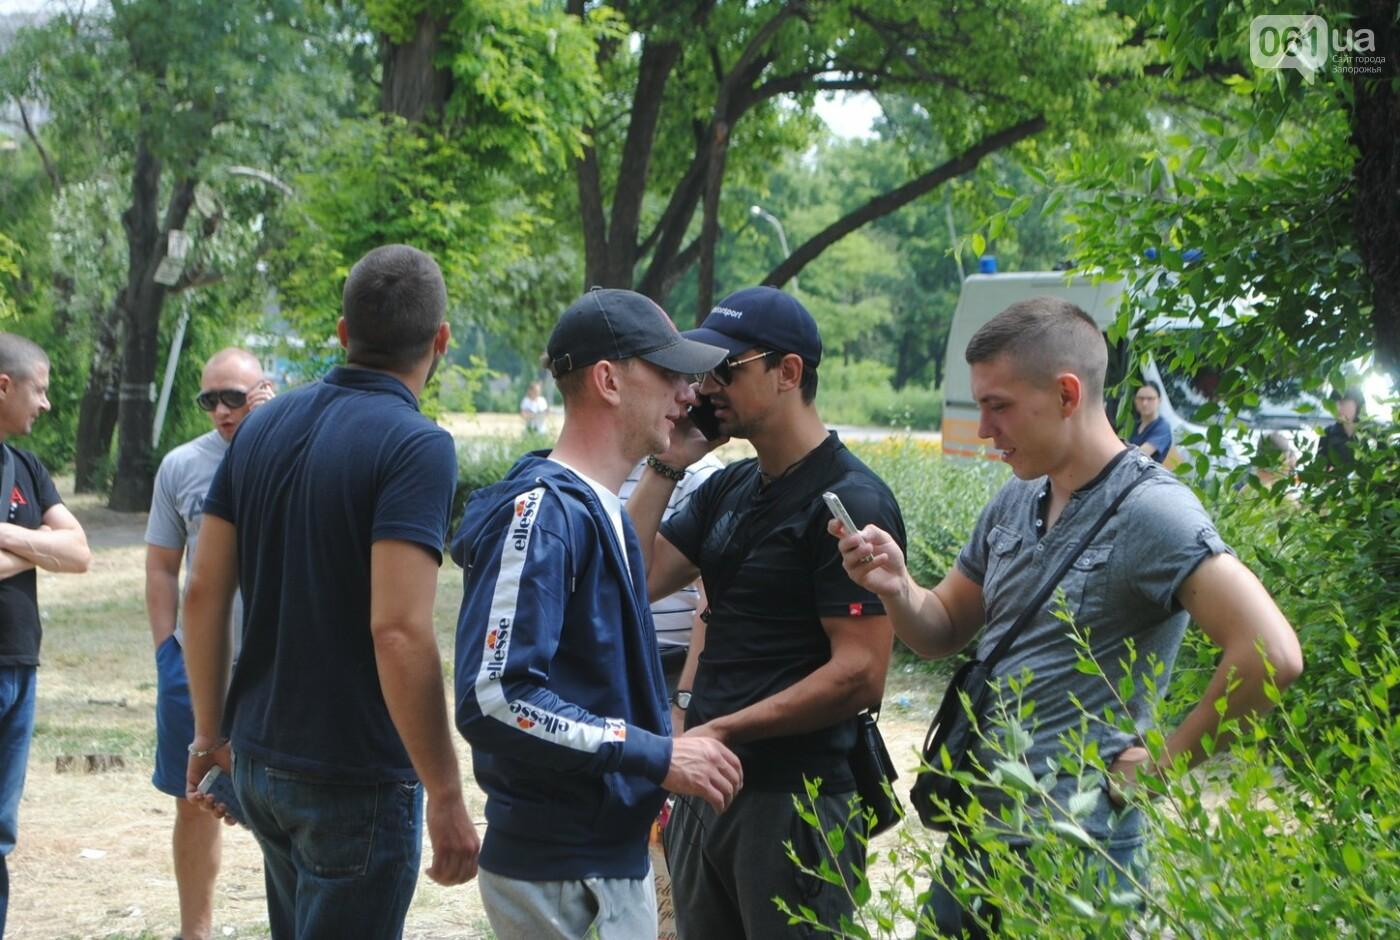 Протест в парке Яланского в лицах, - колоритный ФОТОРЕПОРТАЖ, фото-37